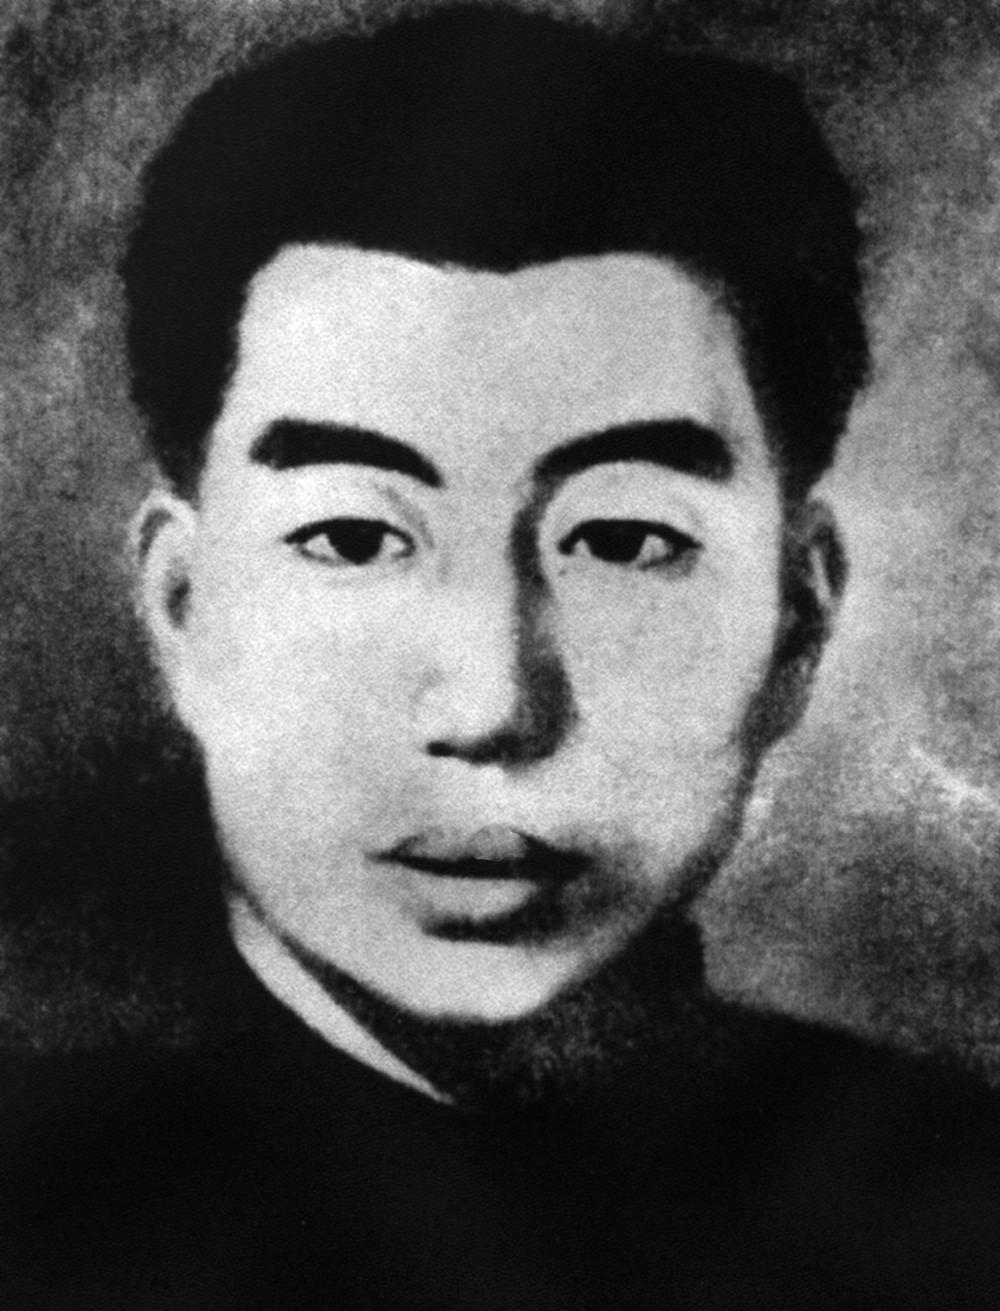 延边朝鲜族自治州_朝鲜族人口